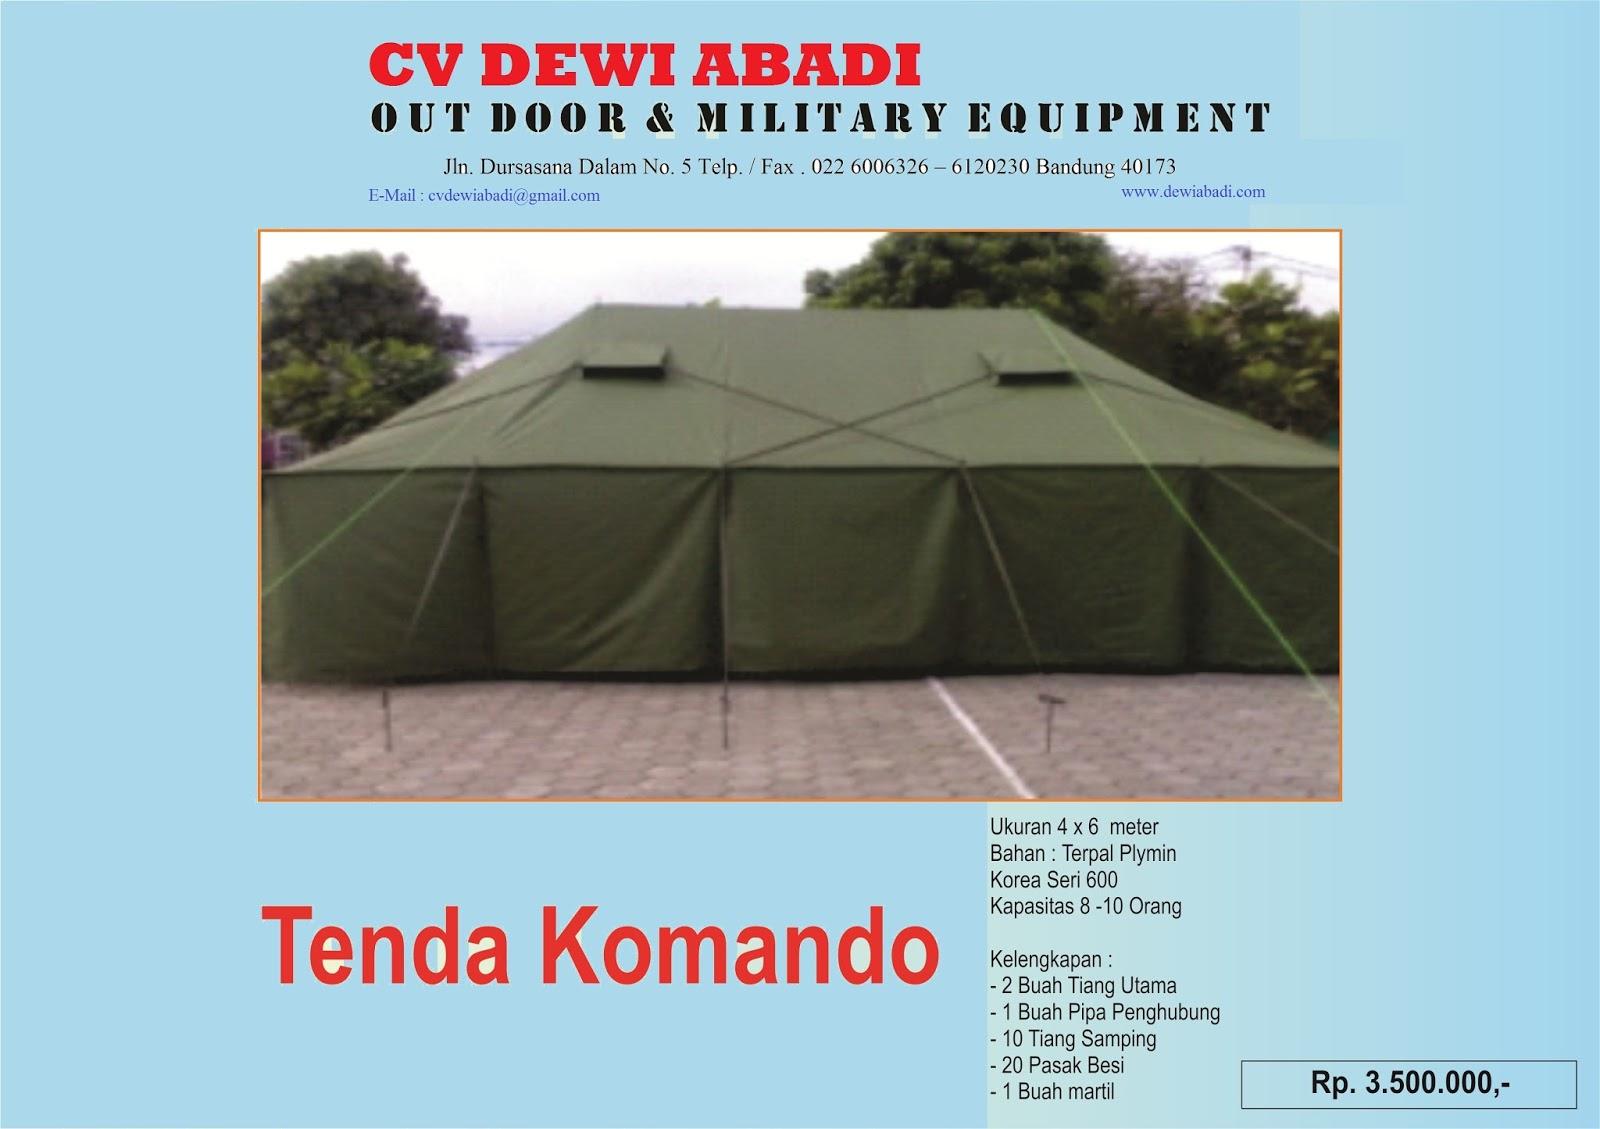 Distributor Penjualan Tenda Di Bandung 082216425986 Dome Kapasitas 6 Orang Oleh Karena Itu Kami Sebagai Dan Military Equipment Tidak Akan Mengecewakan Pelanggan Memberikan Kualitas Bukan Kwantitas